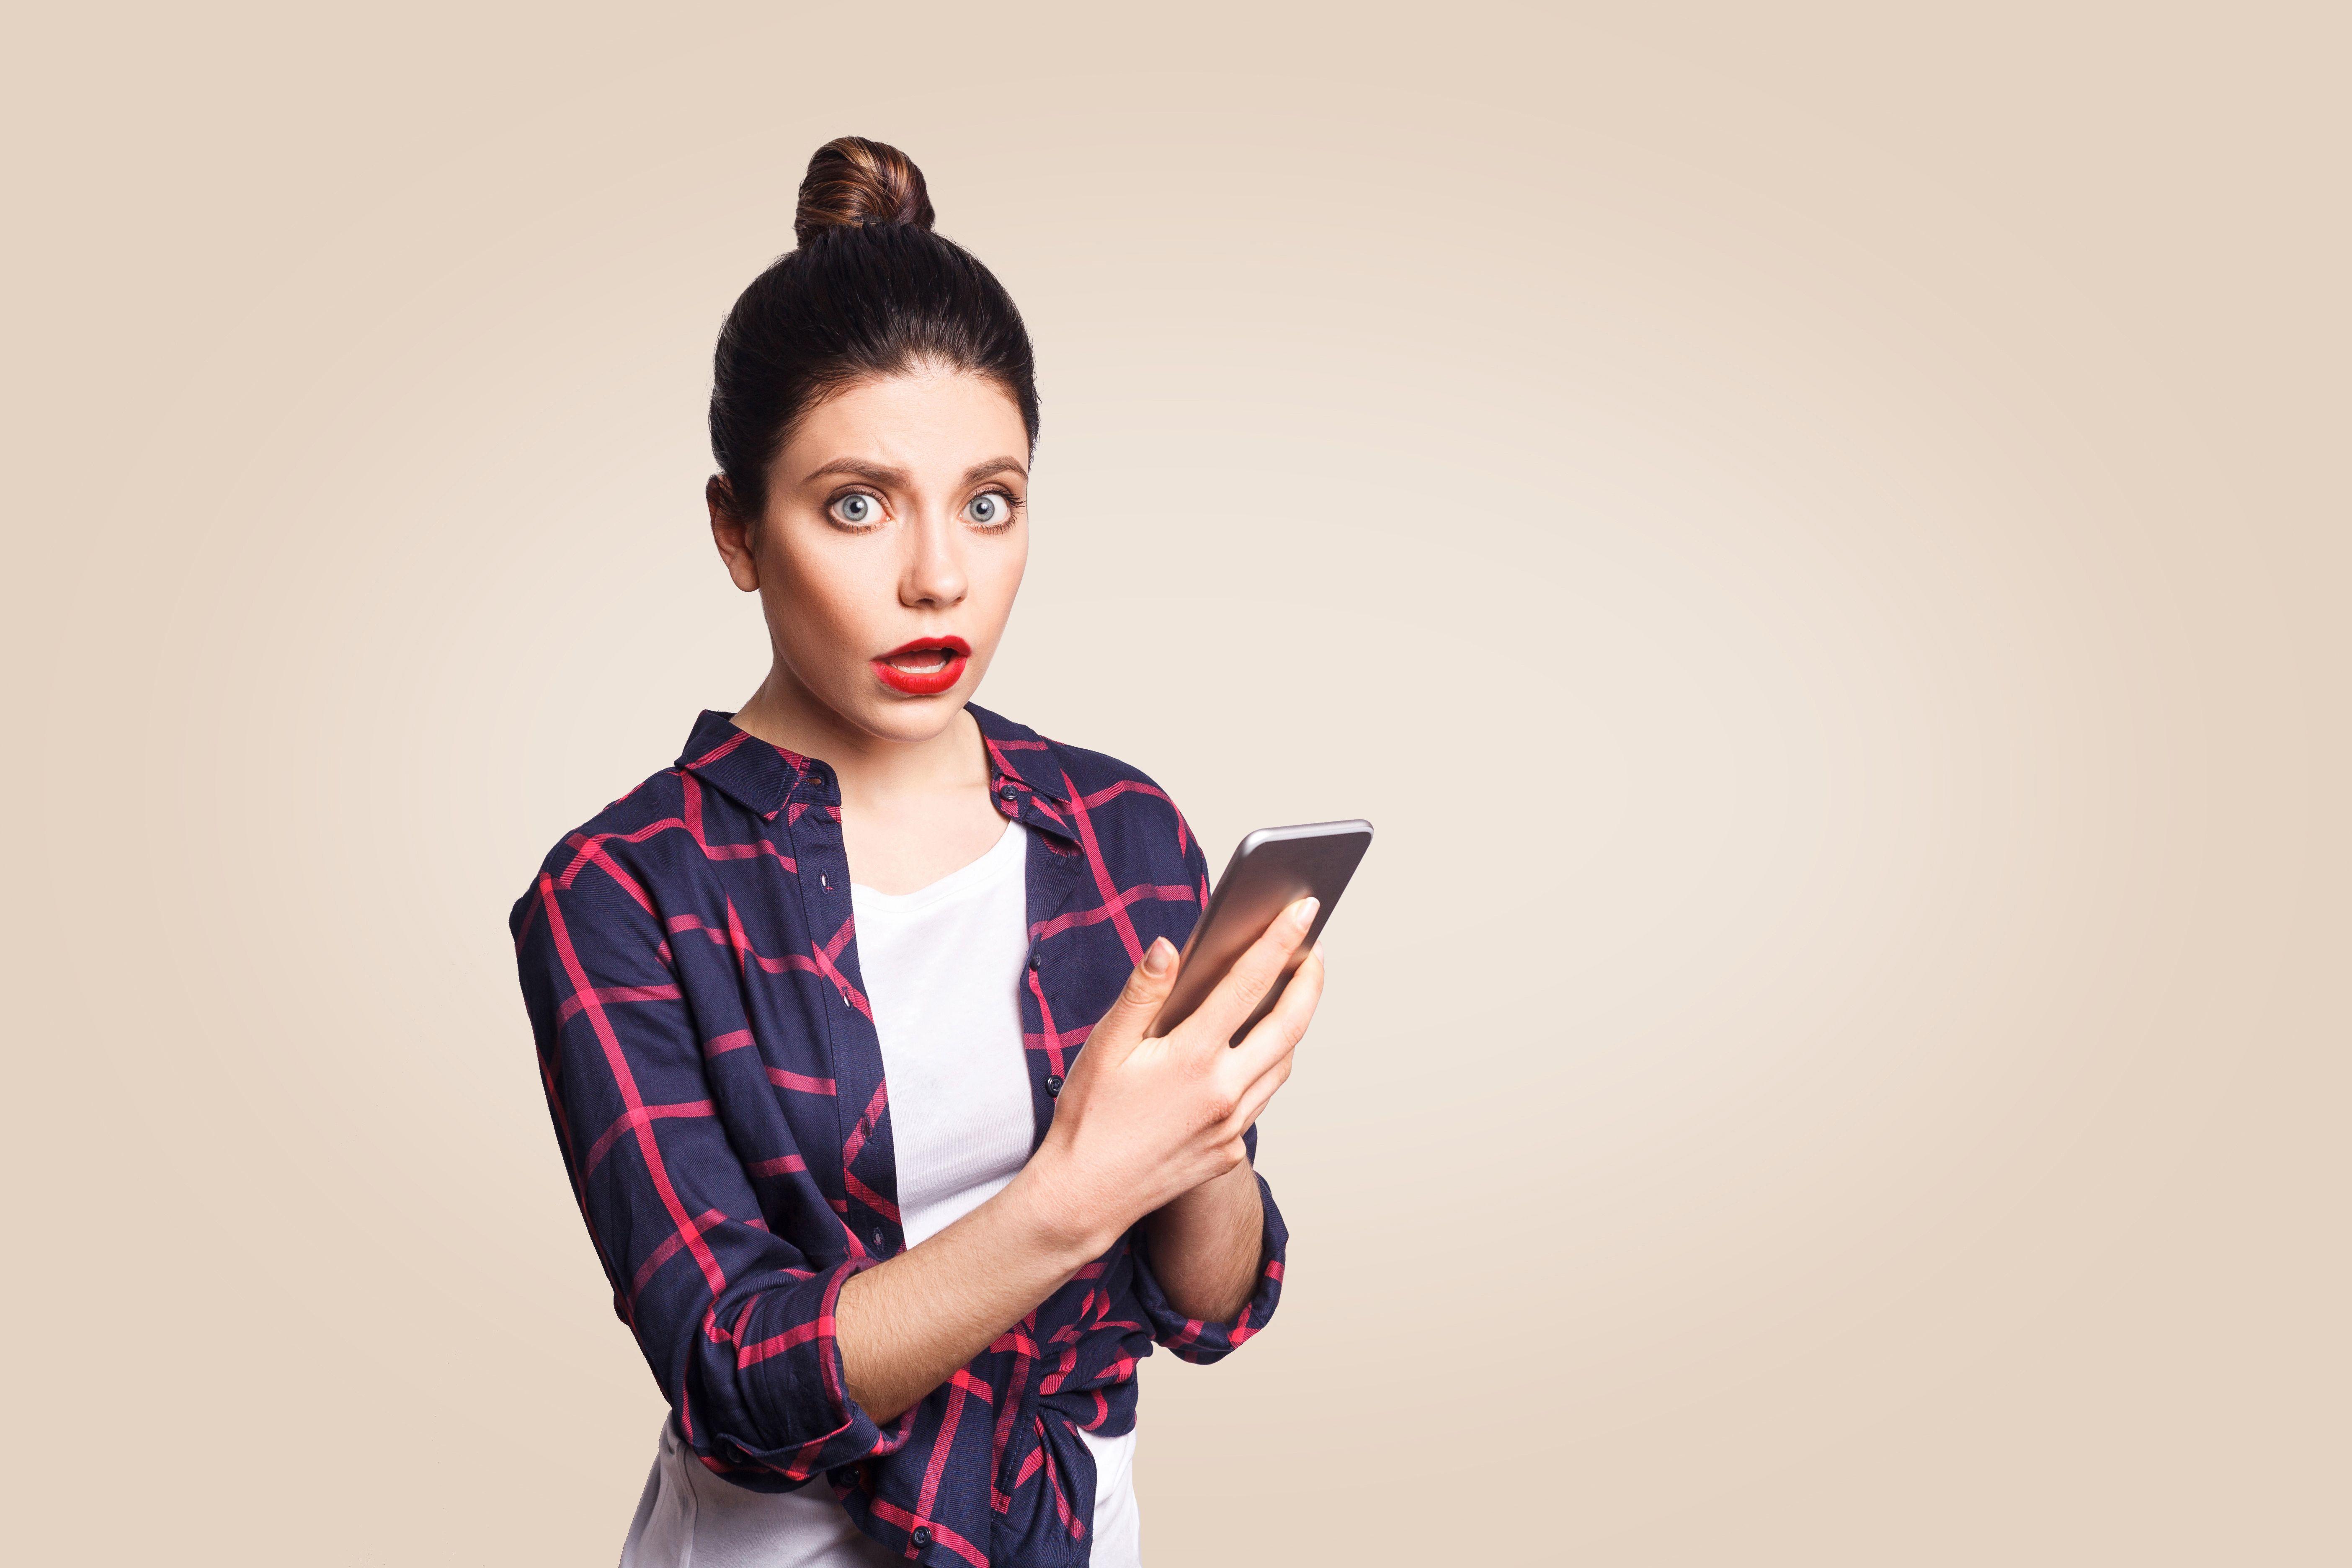 Chica busca en su móvil las tarifas Lowi prepago